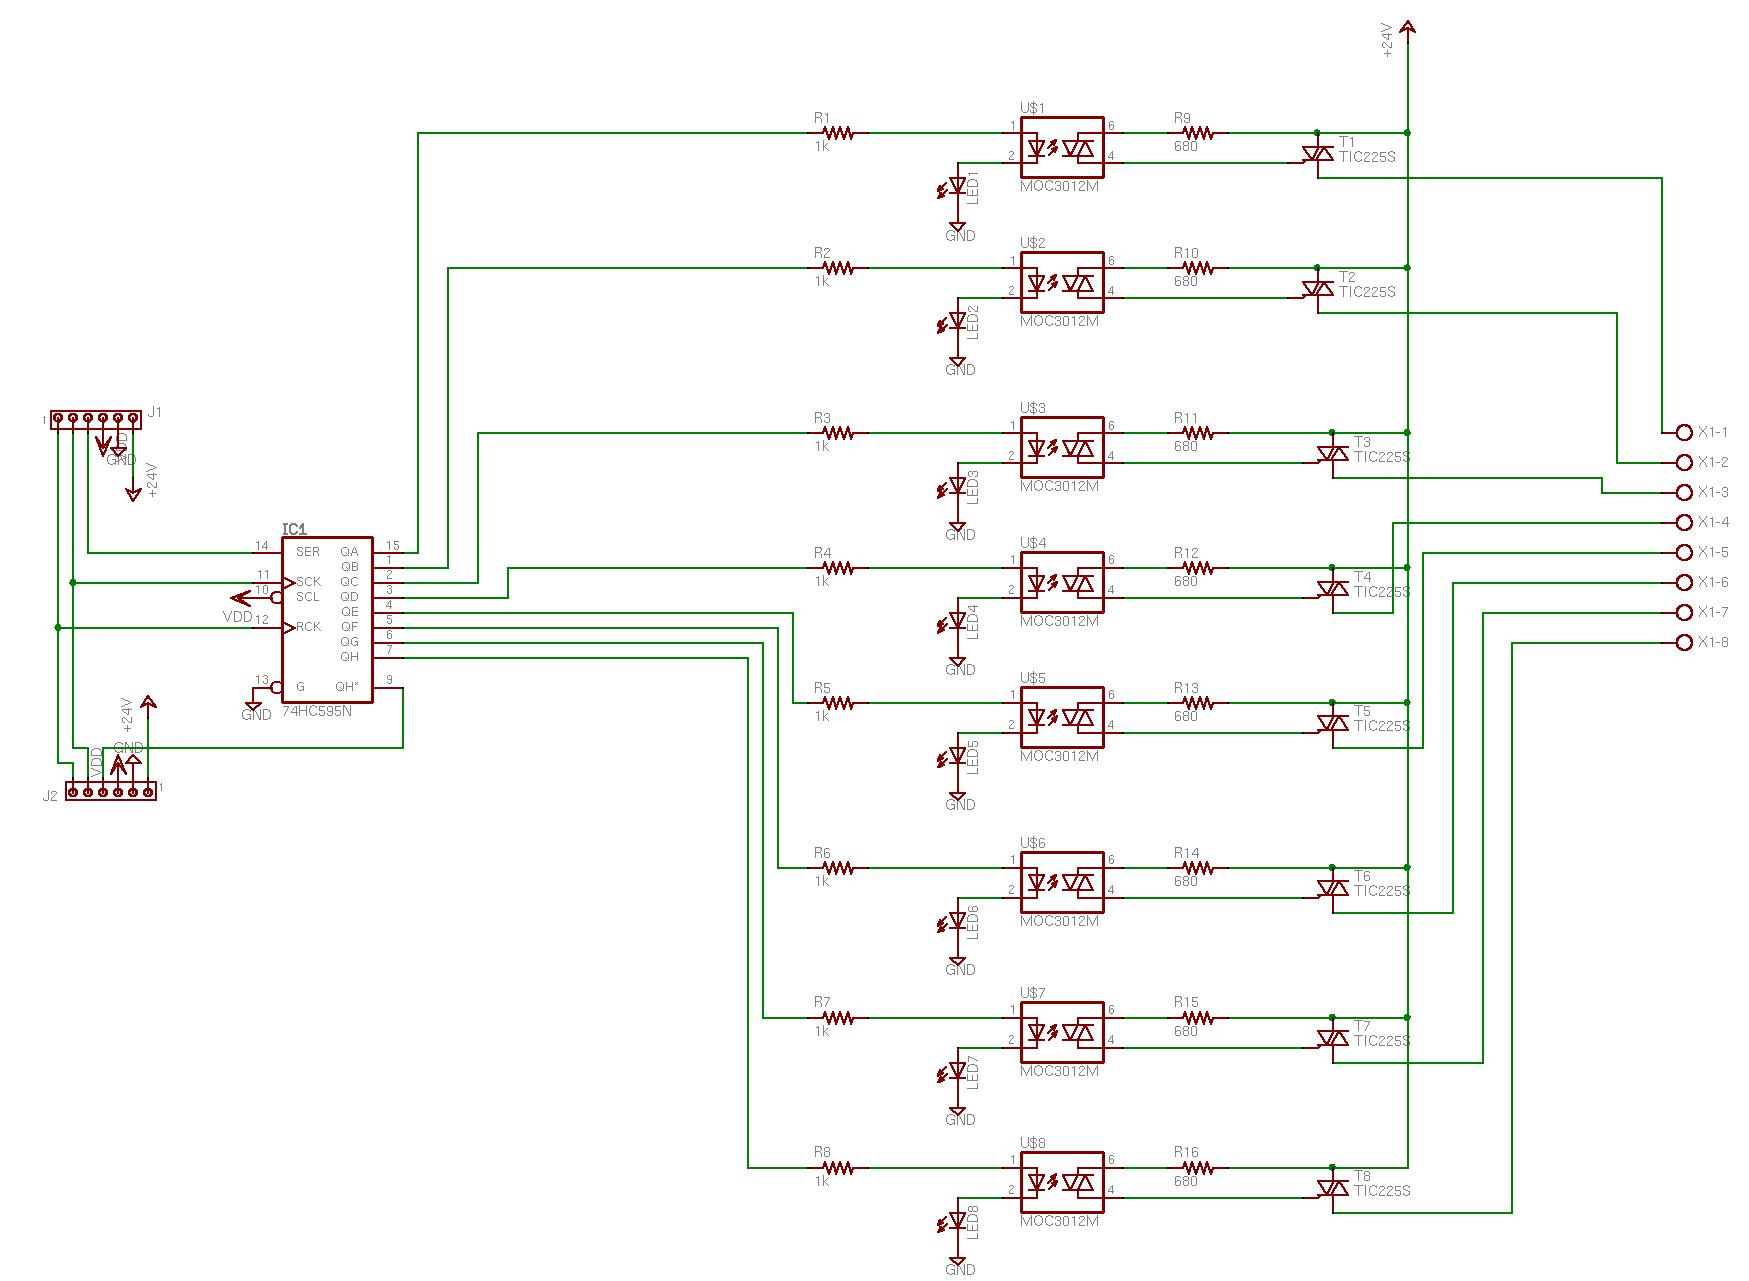 Backflow Preventer Valve as well Design Data Schedules likewise C3ByaW5rbGVyLXNjaGVtYXRpYw as well Watch in addition Urmet Sprechanlage Schaltplan. on sprinkler system wiring diagram